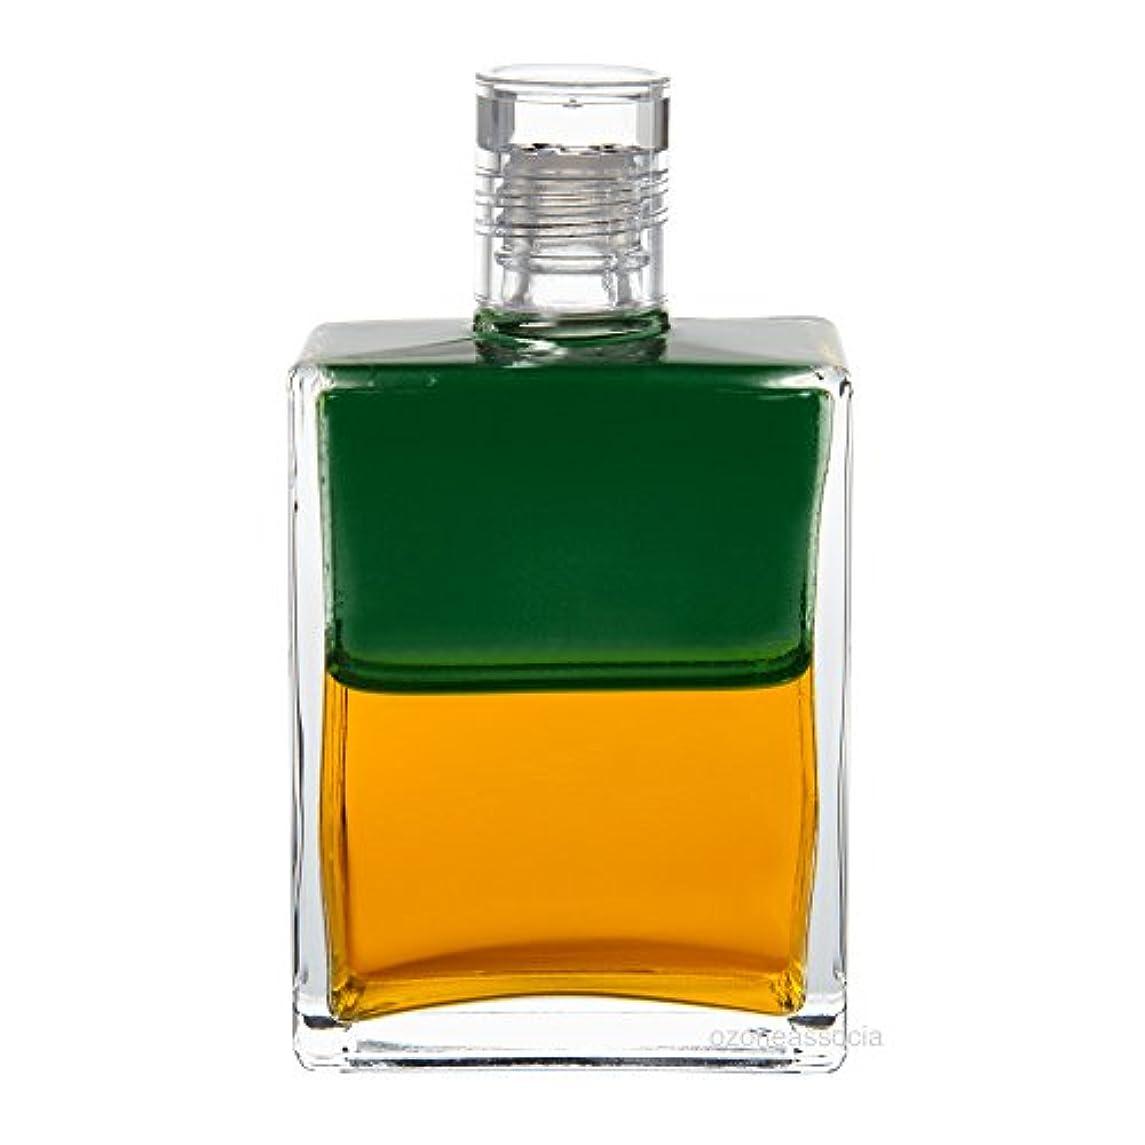 盆地レンダリングつまらないオーラソーマ ボトル 31番  泉 (グリーン/ゴールド) イクイリブリアムボトル50ml Aurasoma